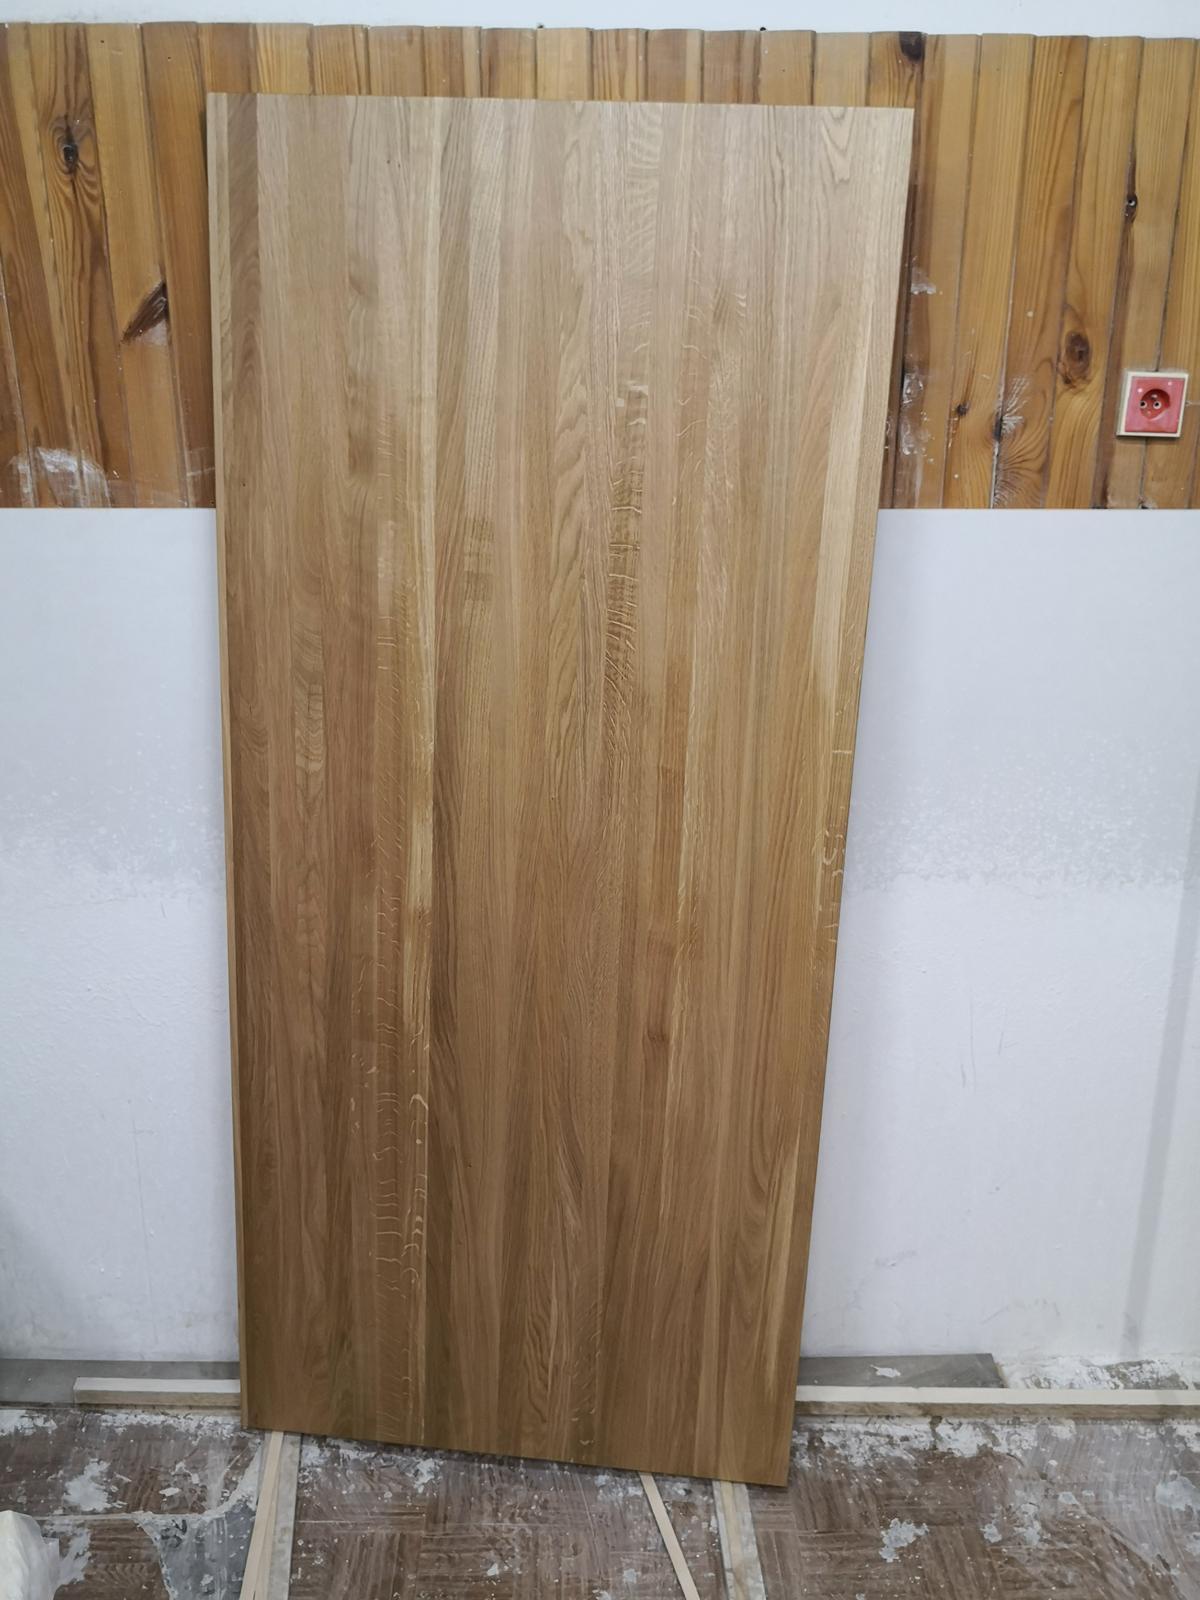 InTeRiEr -  ExTeRiEr - Dubova platna na novy stol 84x188x4cm. Povrch tvrdy vosk Osmo.